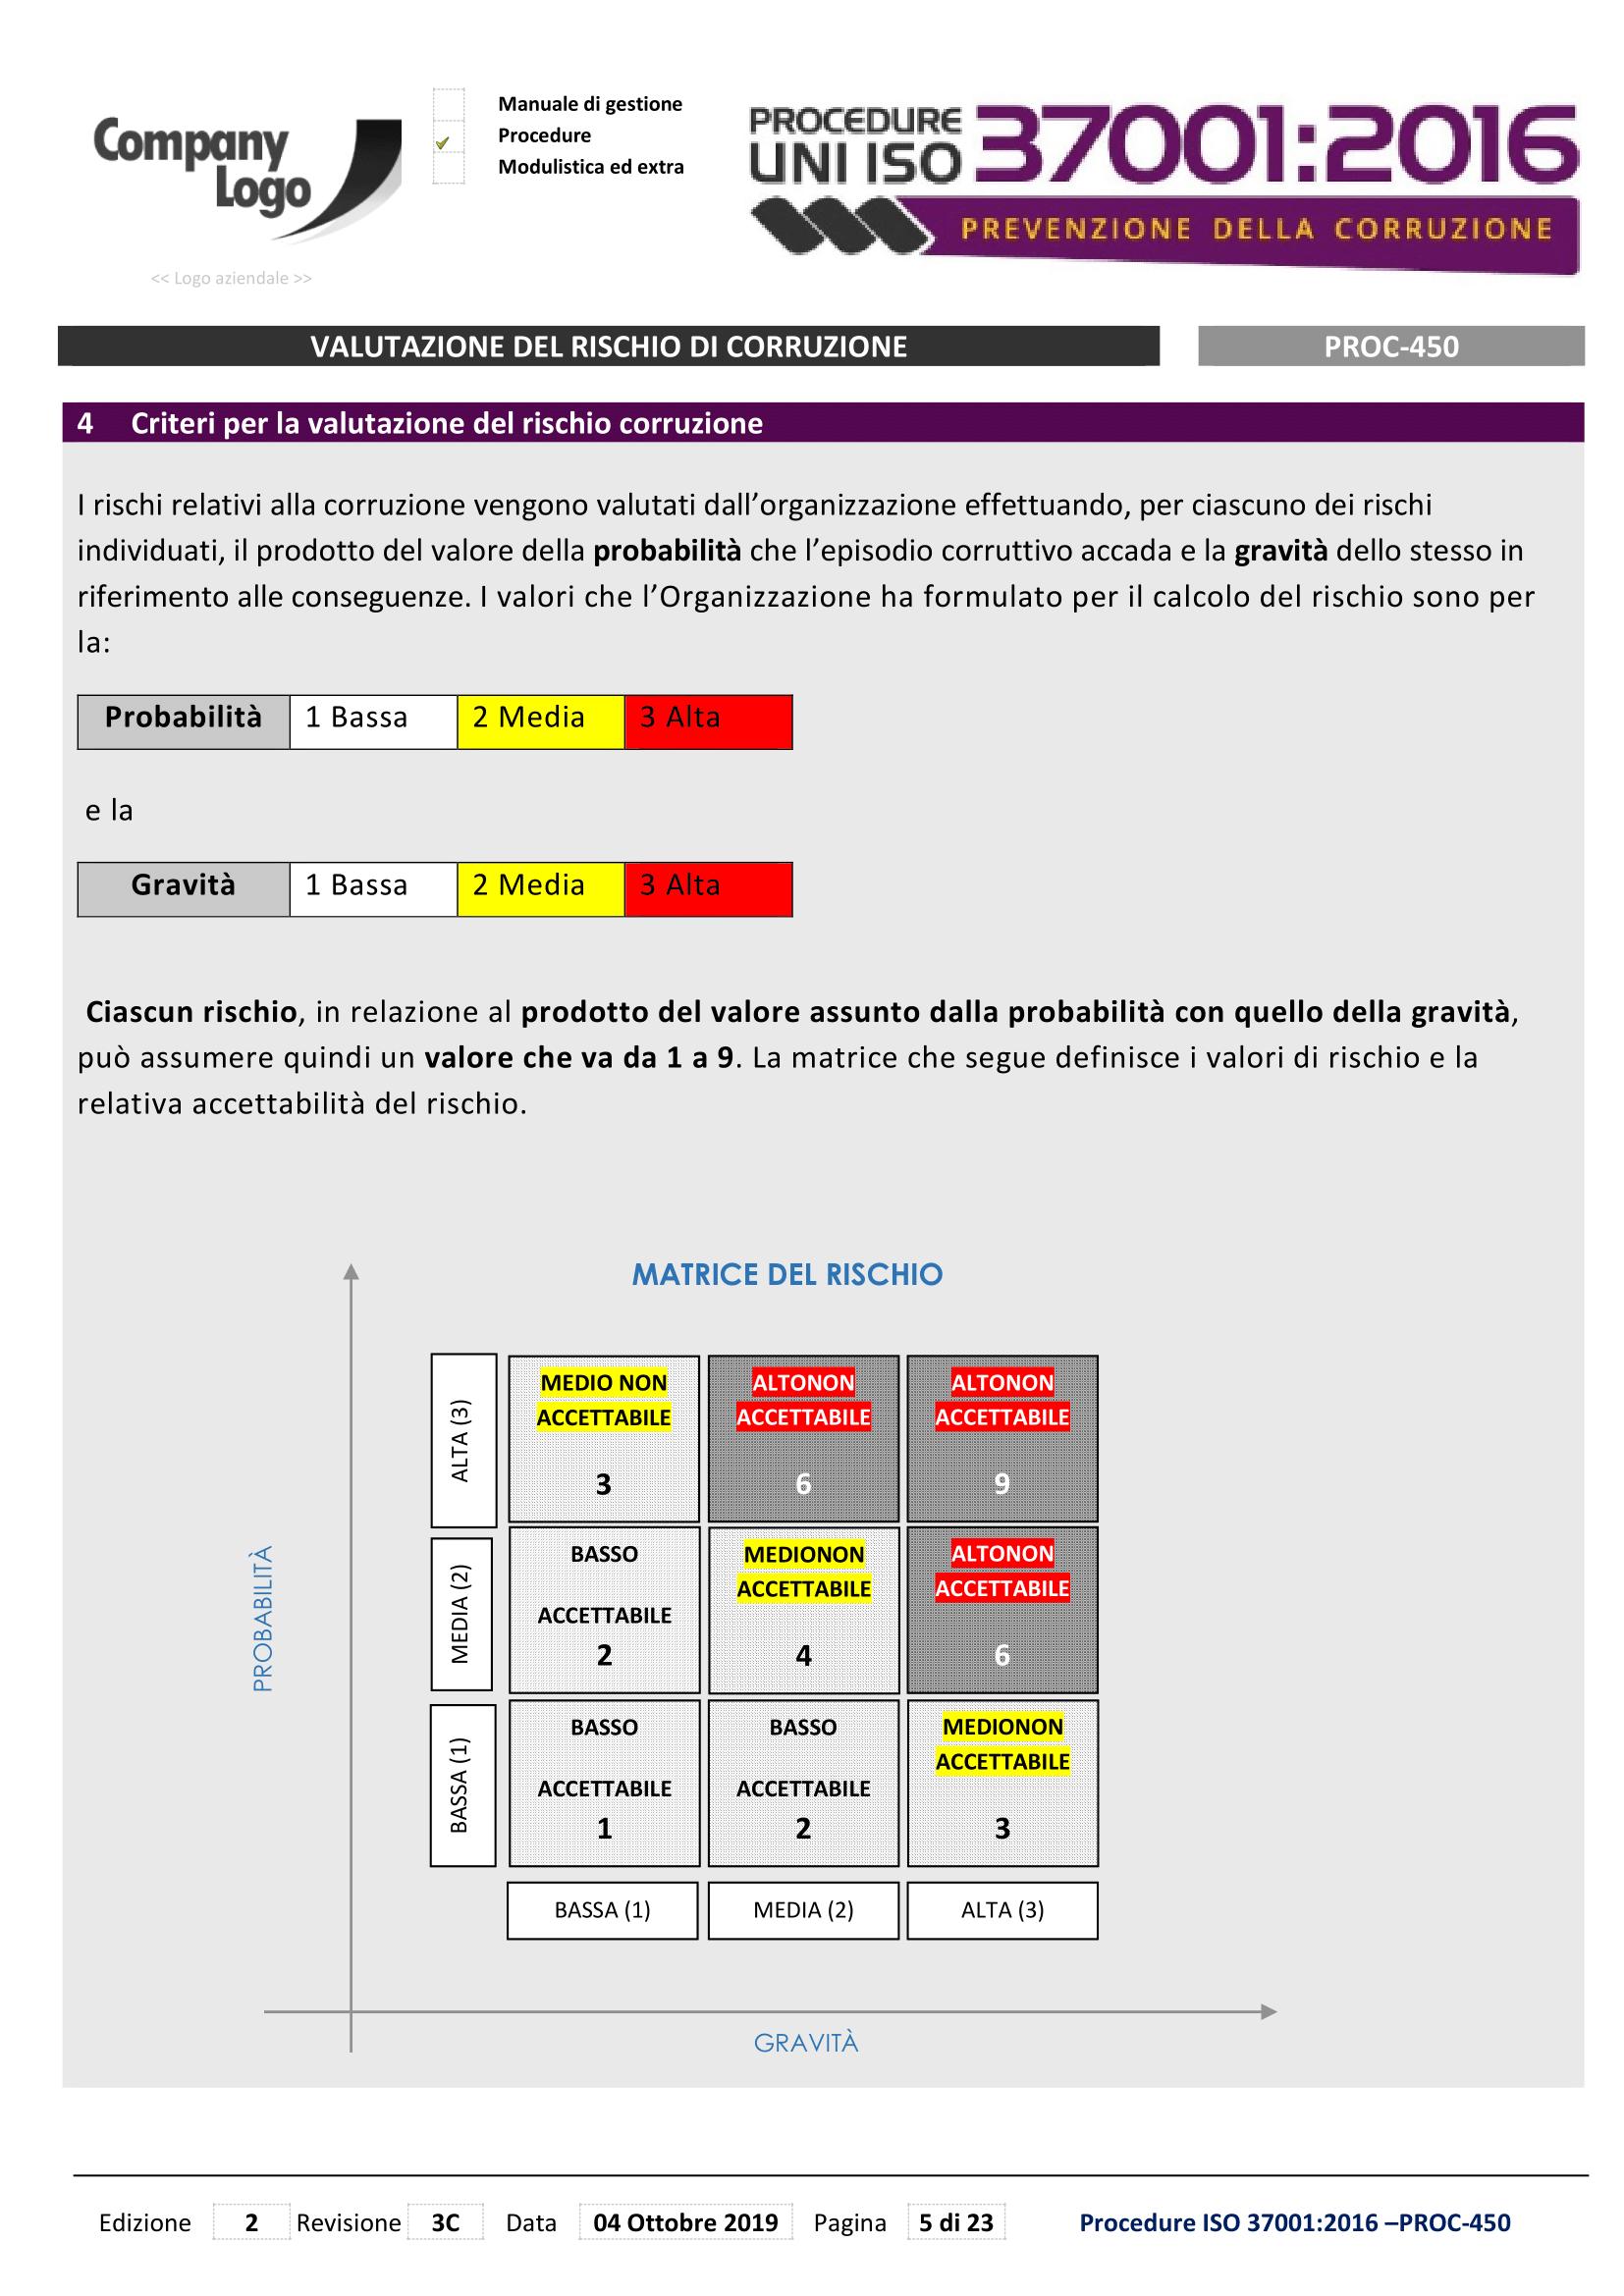 5.valutazione-rischio-37001